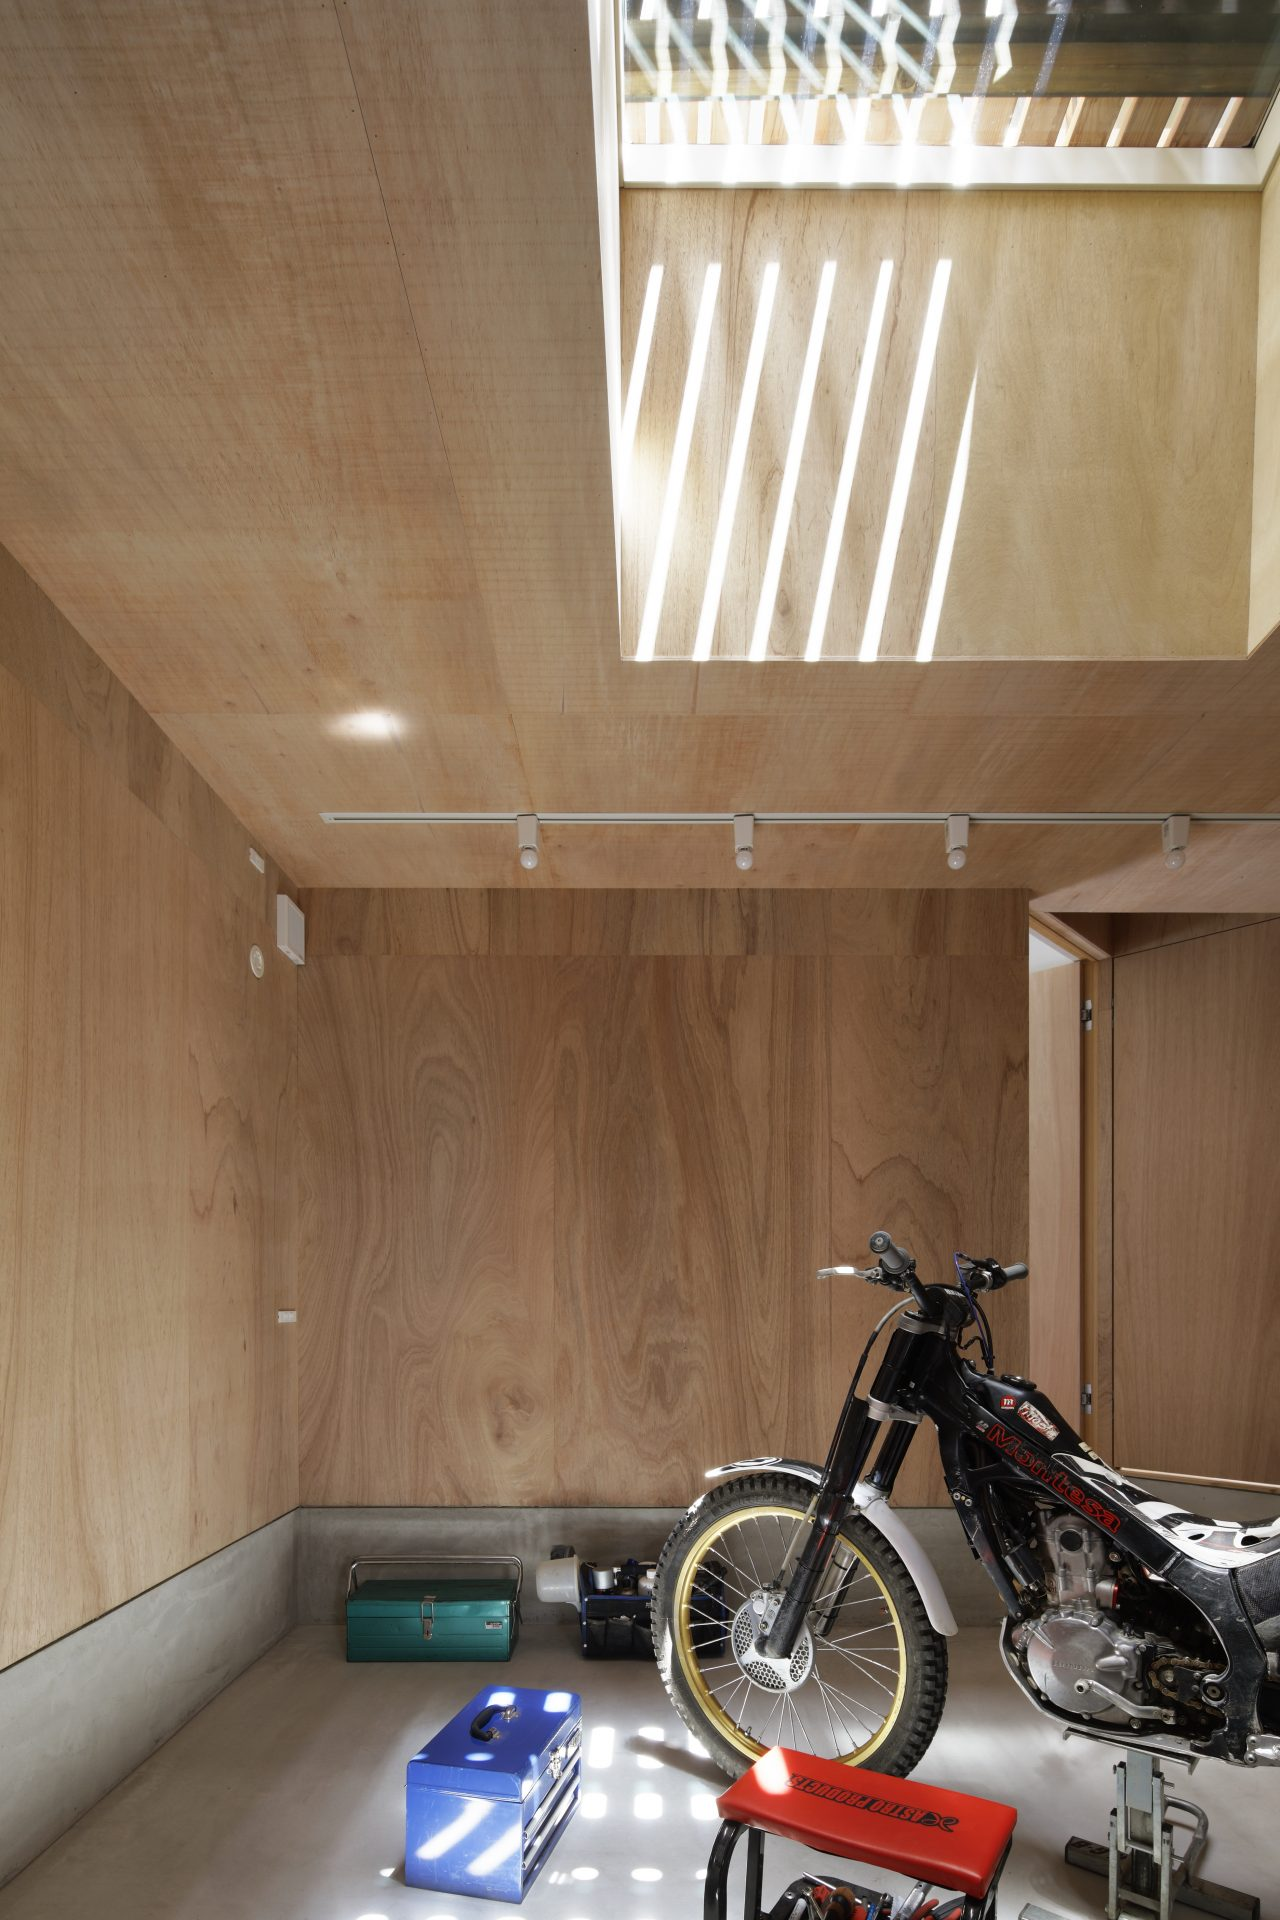 大阪長瀬のバイクガレージハウス|建築士の注文住宅のガレージ02